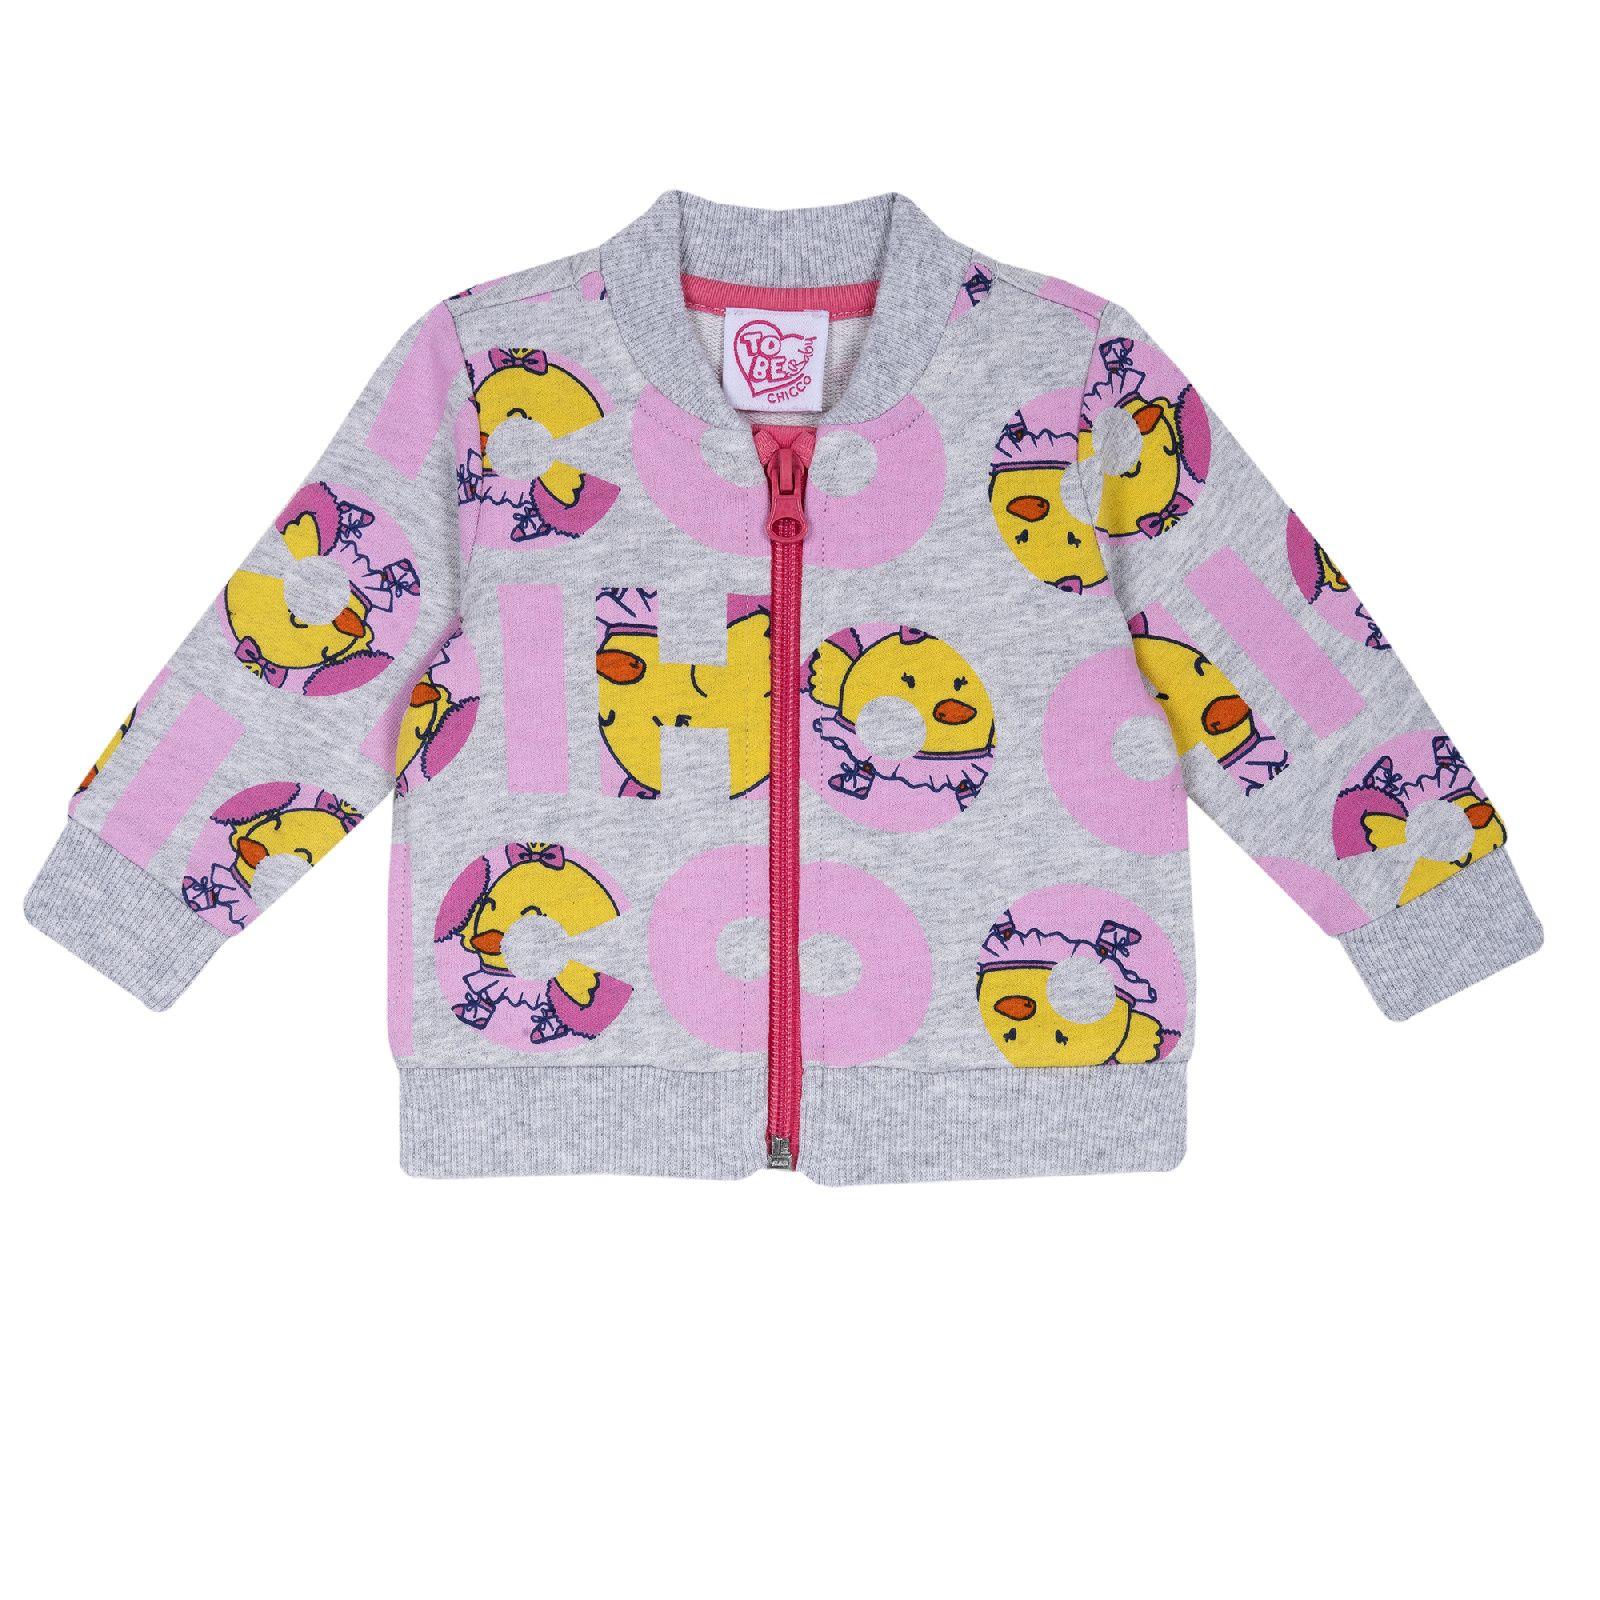 Купить 9009406, Толстовка для девочек Chicco на молнии, цвет серый, размер 104, Толстовки для девочек